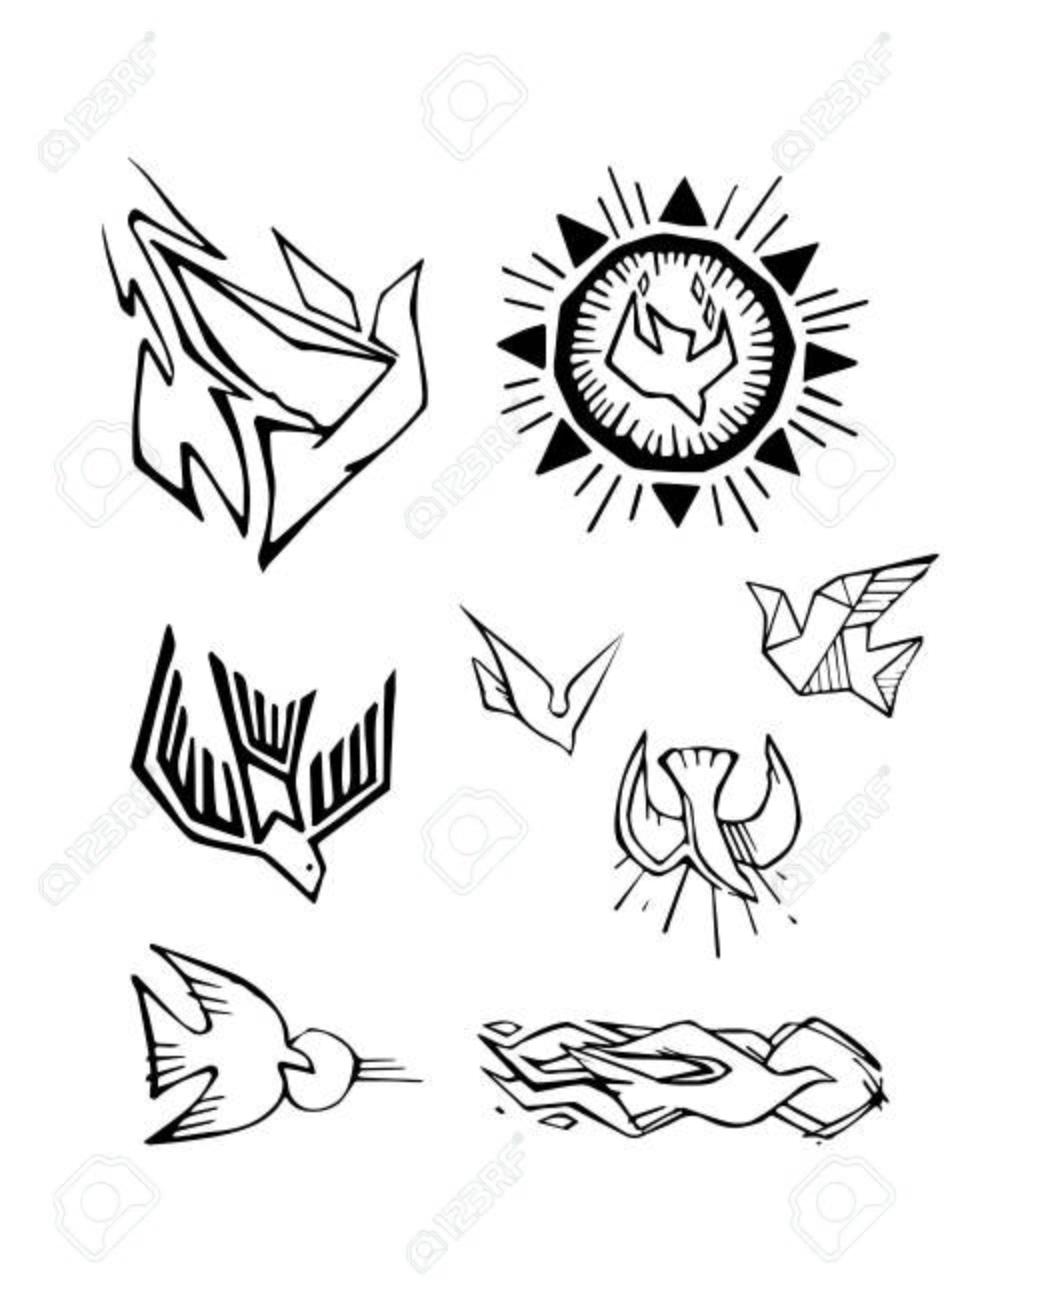 手描きベクトル イラストやヒイラギの精神を表す別のハトの図面の